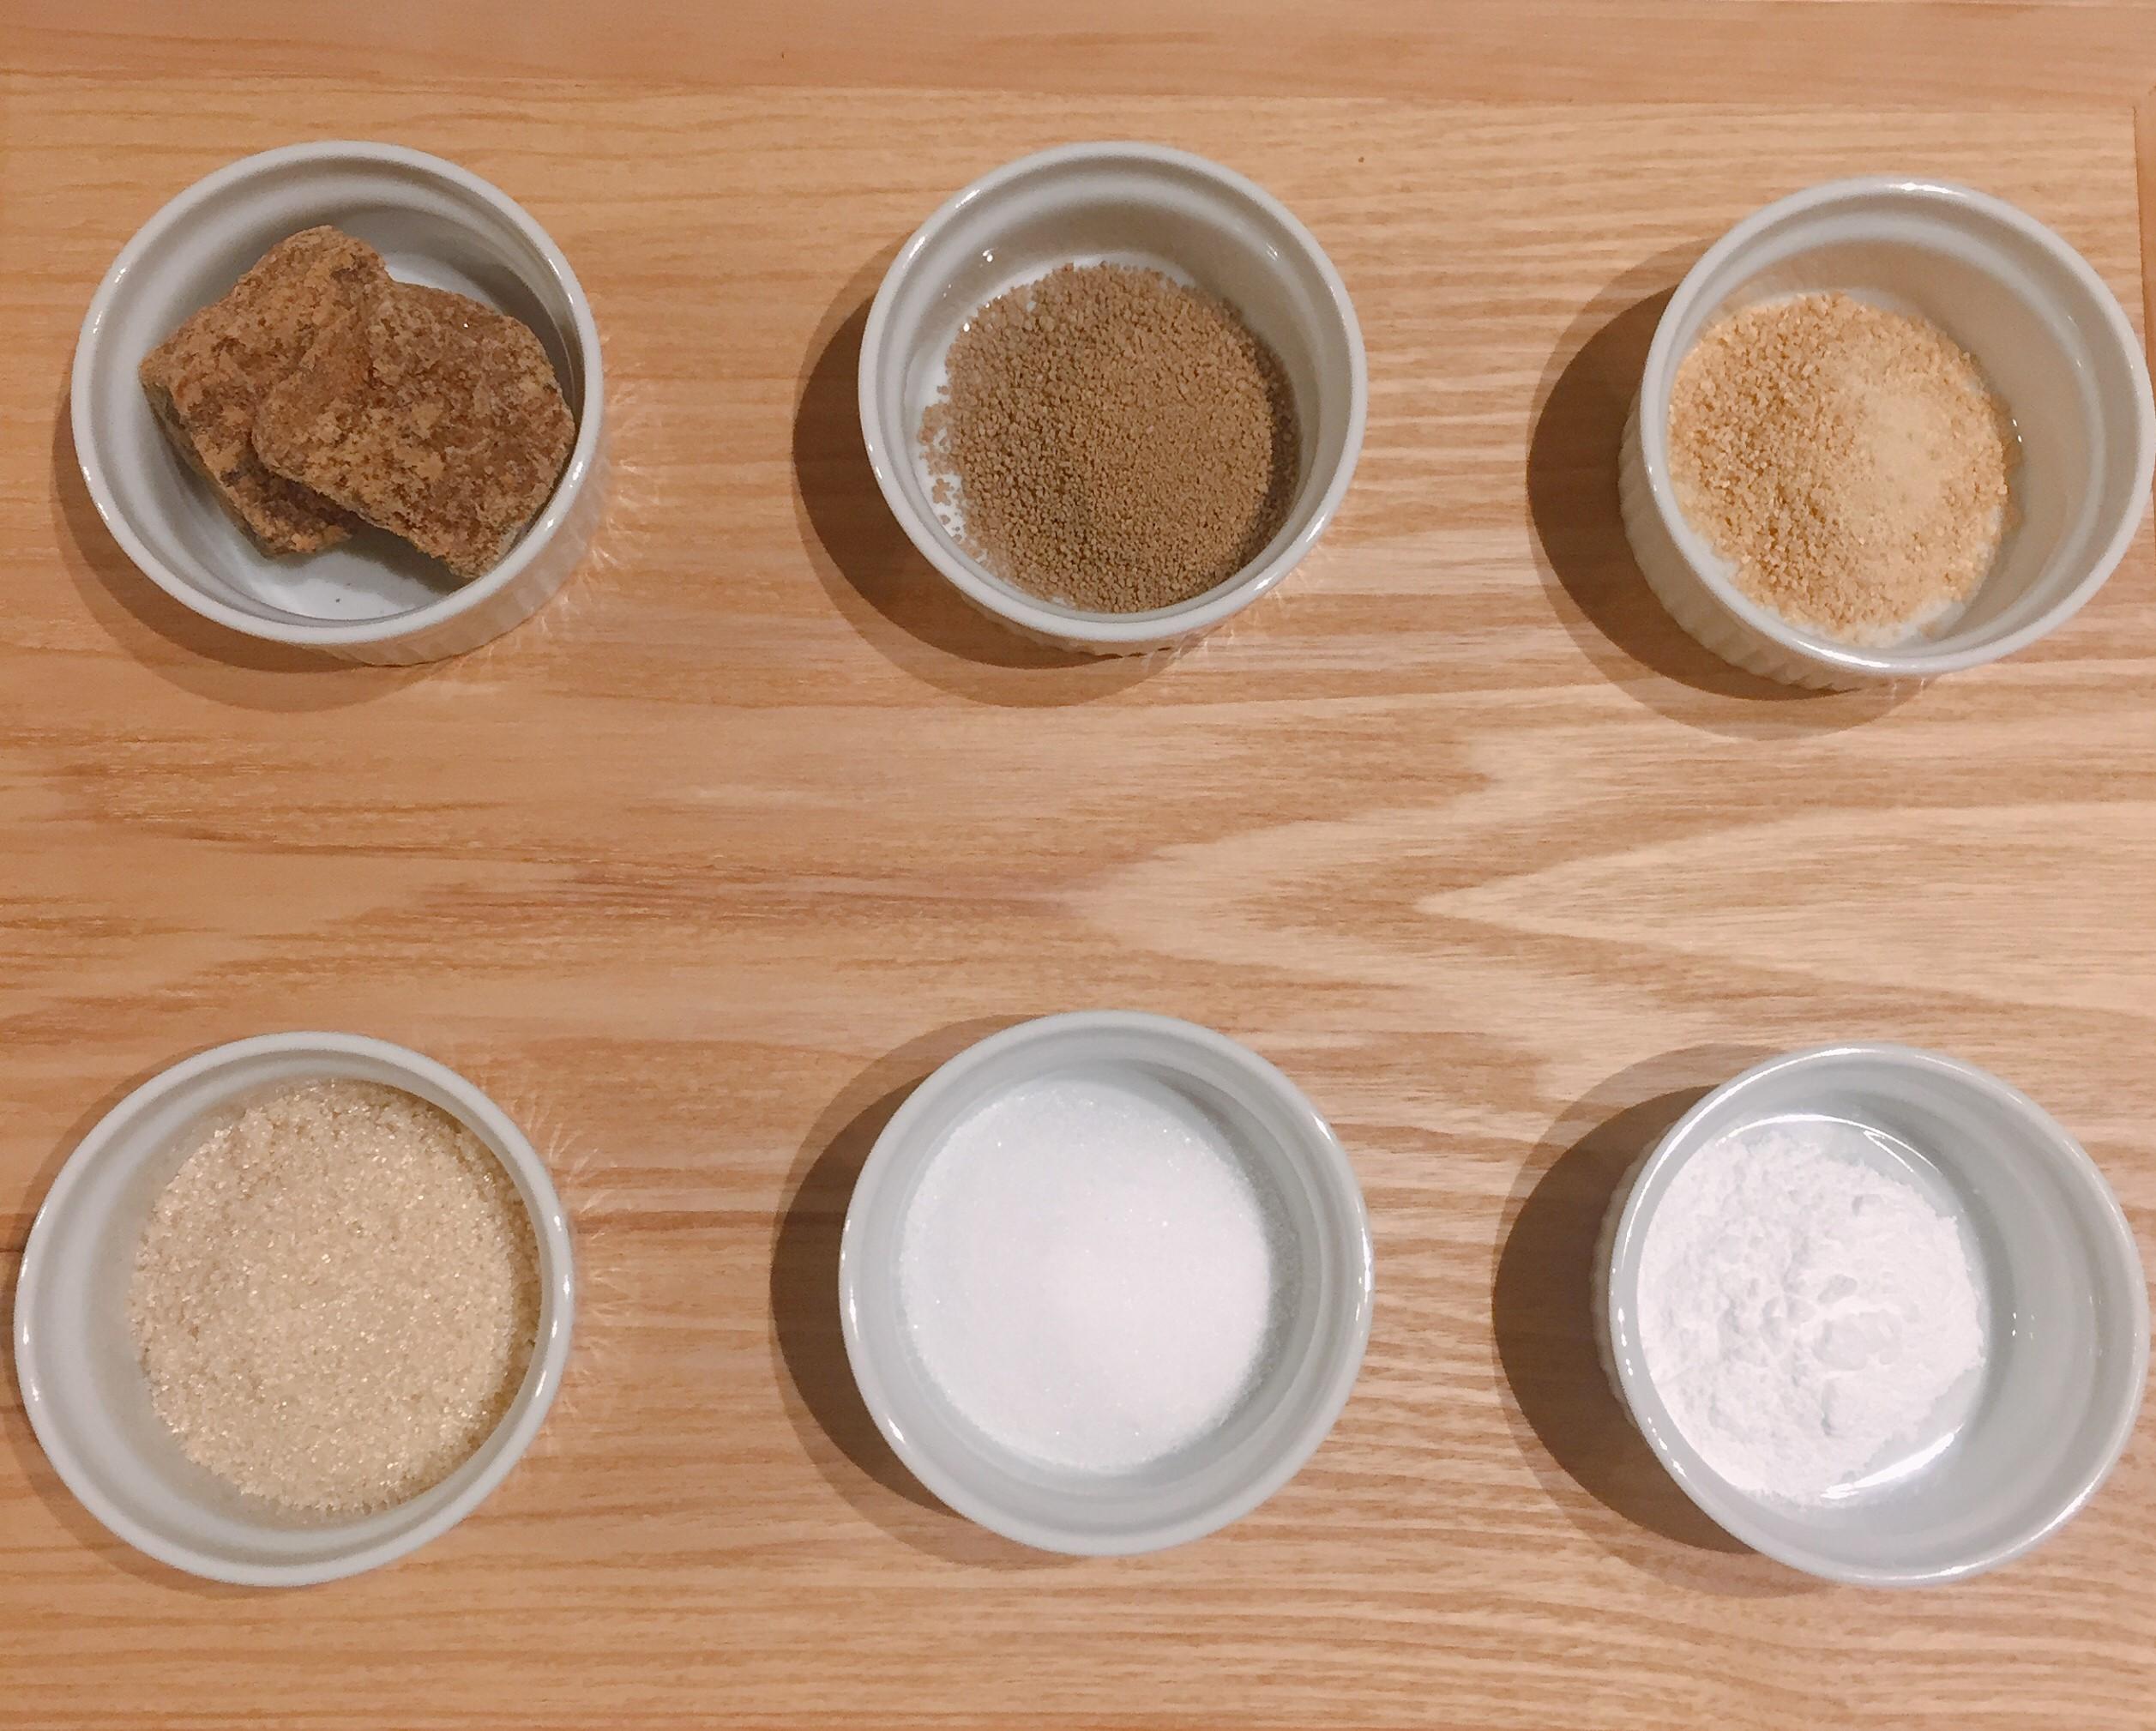 グラニュー 糖 と 砂糖 の 違い